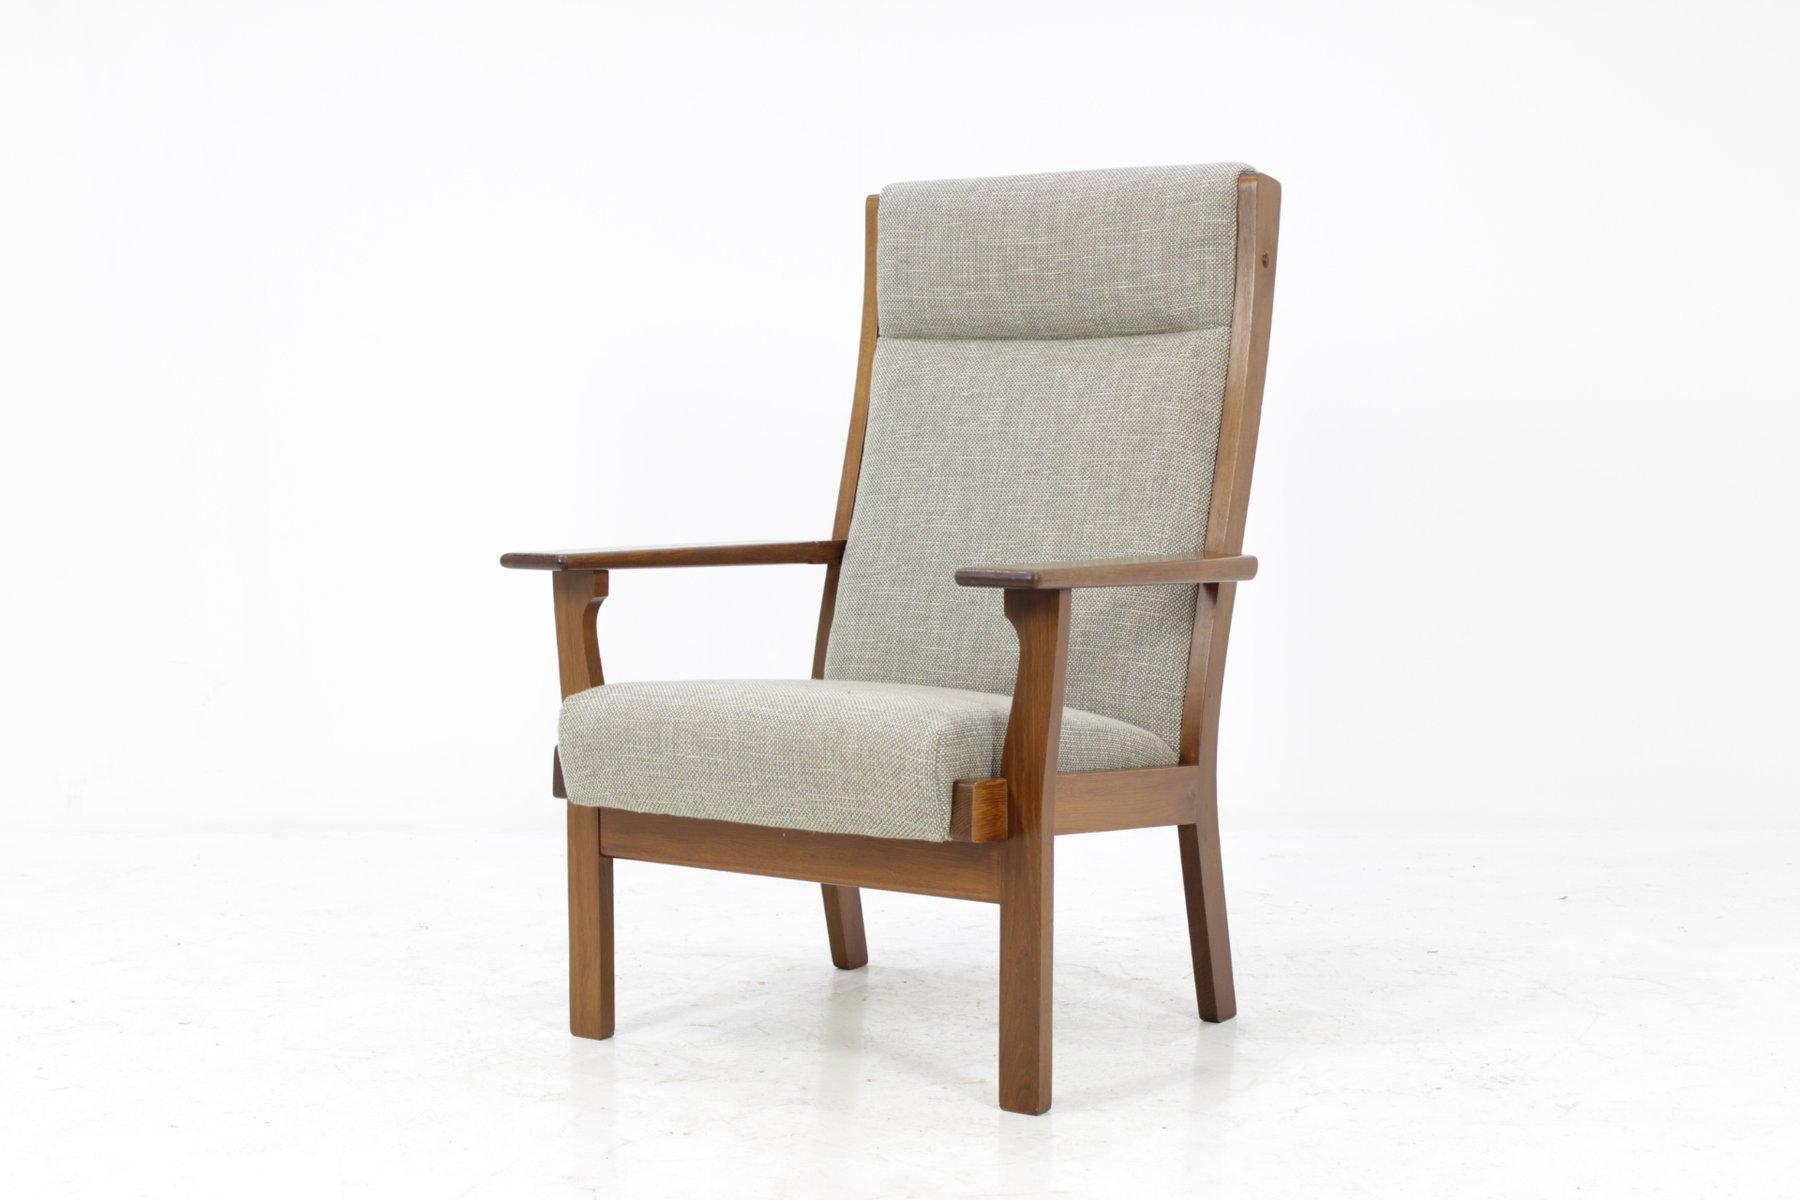 vintage ge181a sessel mit hoher r ckenlehne von hans j wegner f r getama bei pamono kaufen. Black Bedroom Furniture Sets. Home Design Ideas